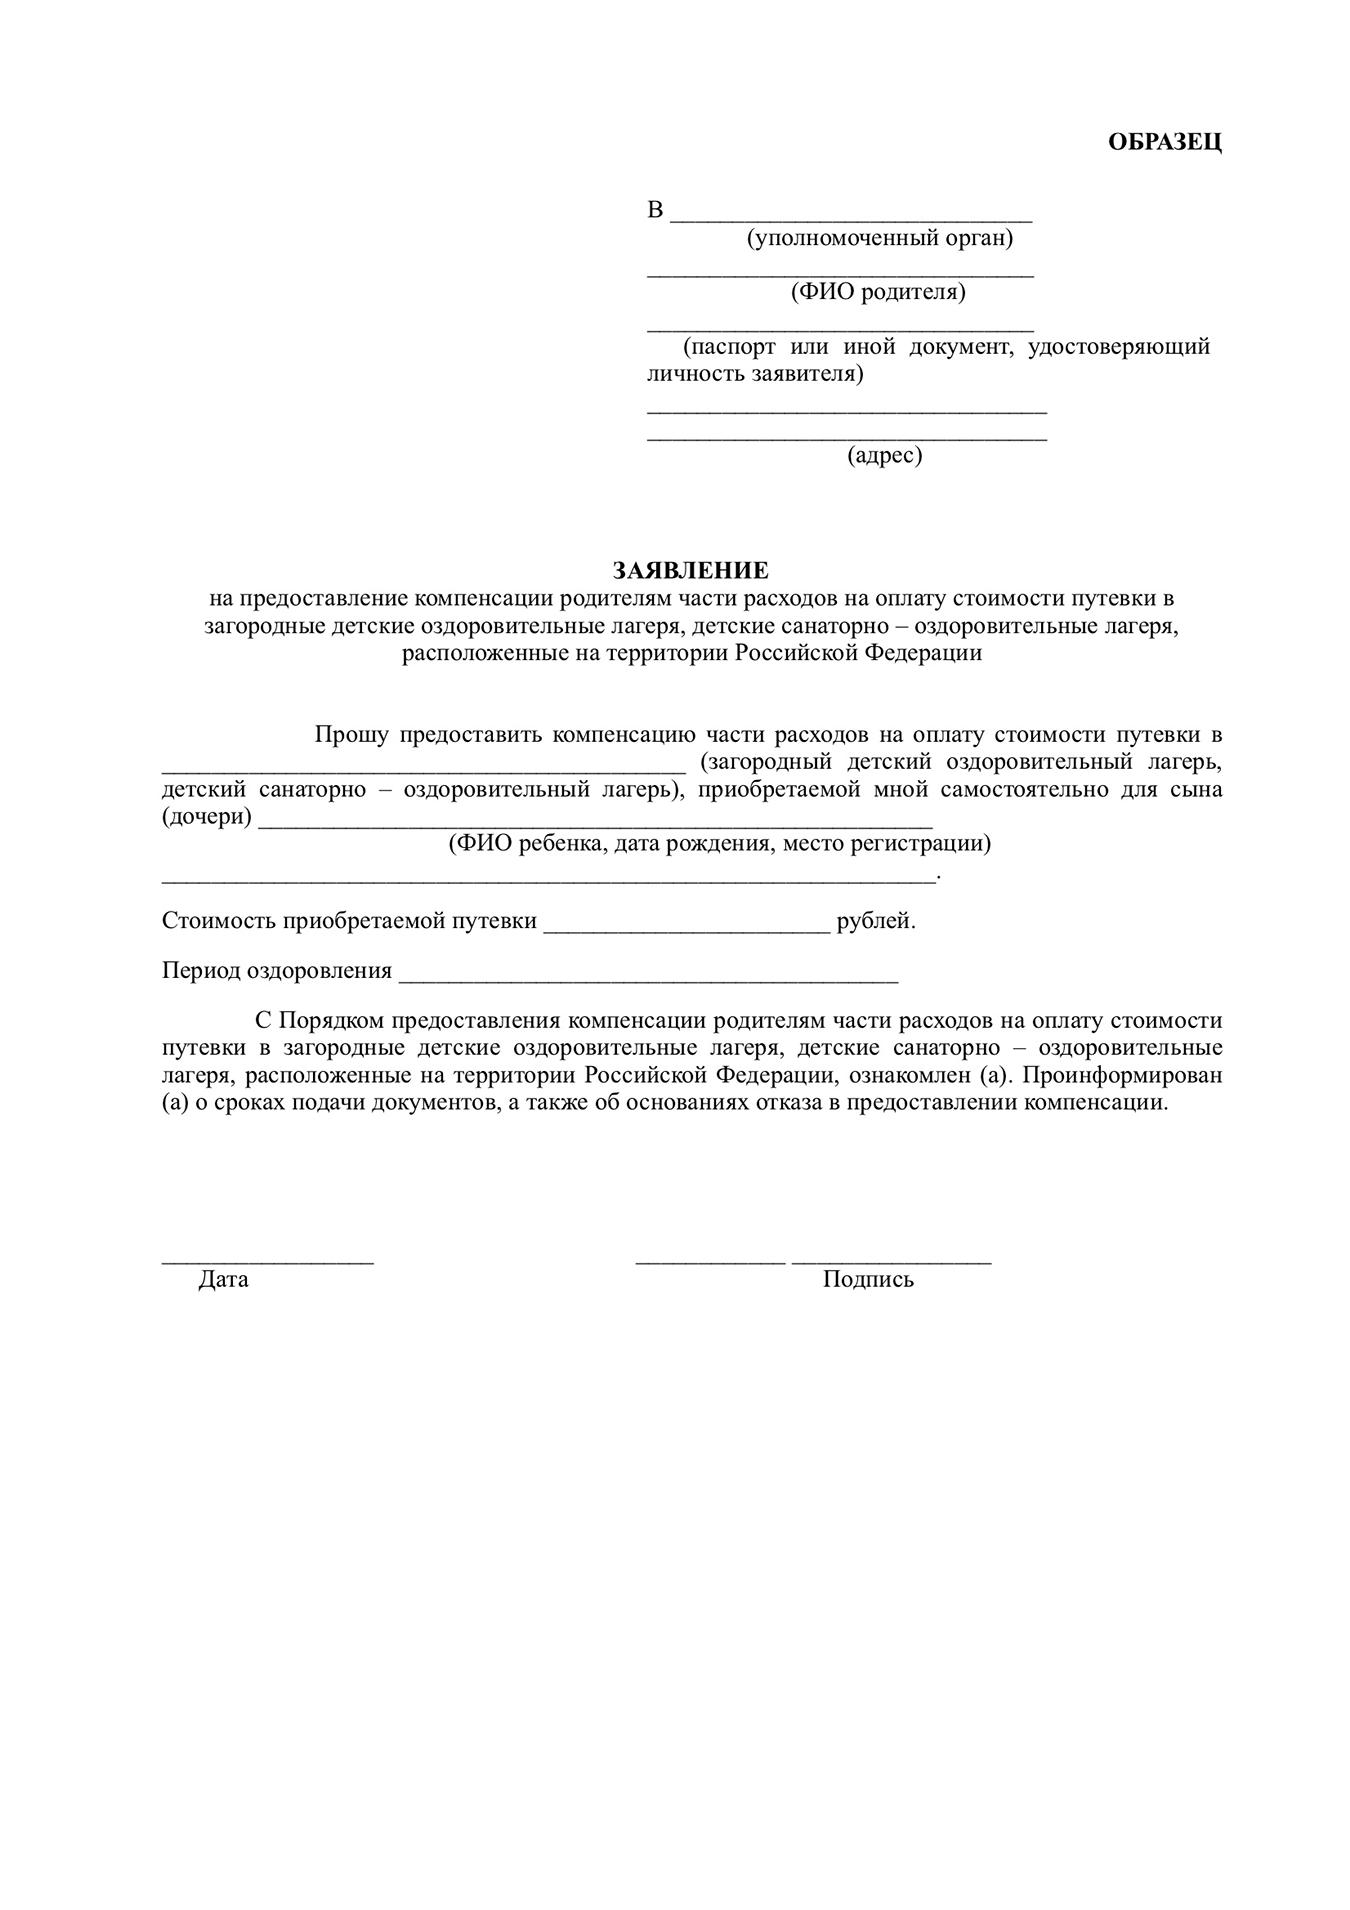 Онлайн запись в уфмс тверь на гражданство рф